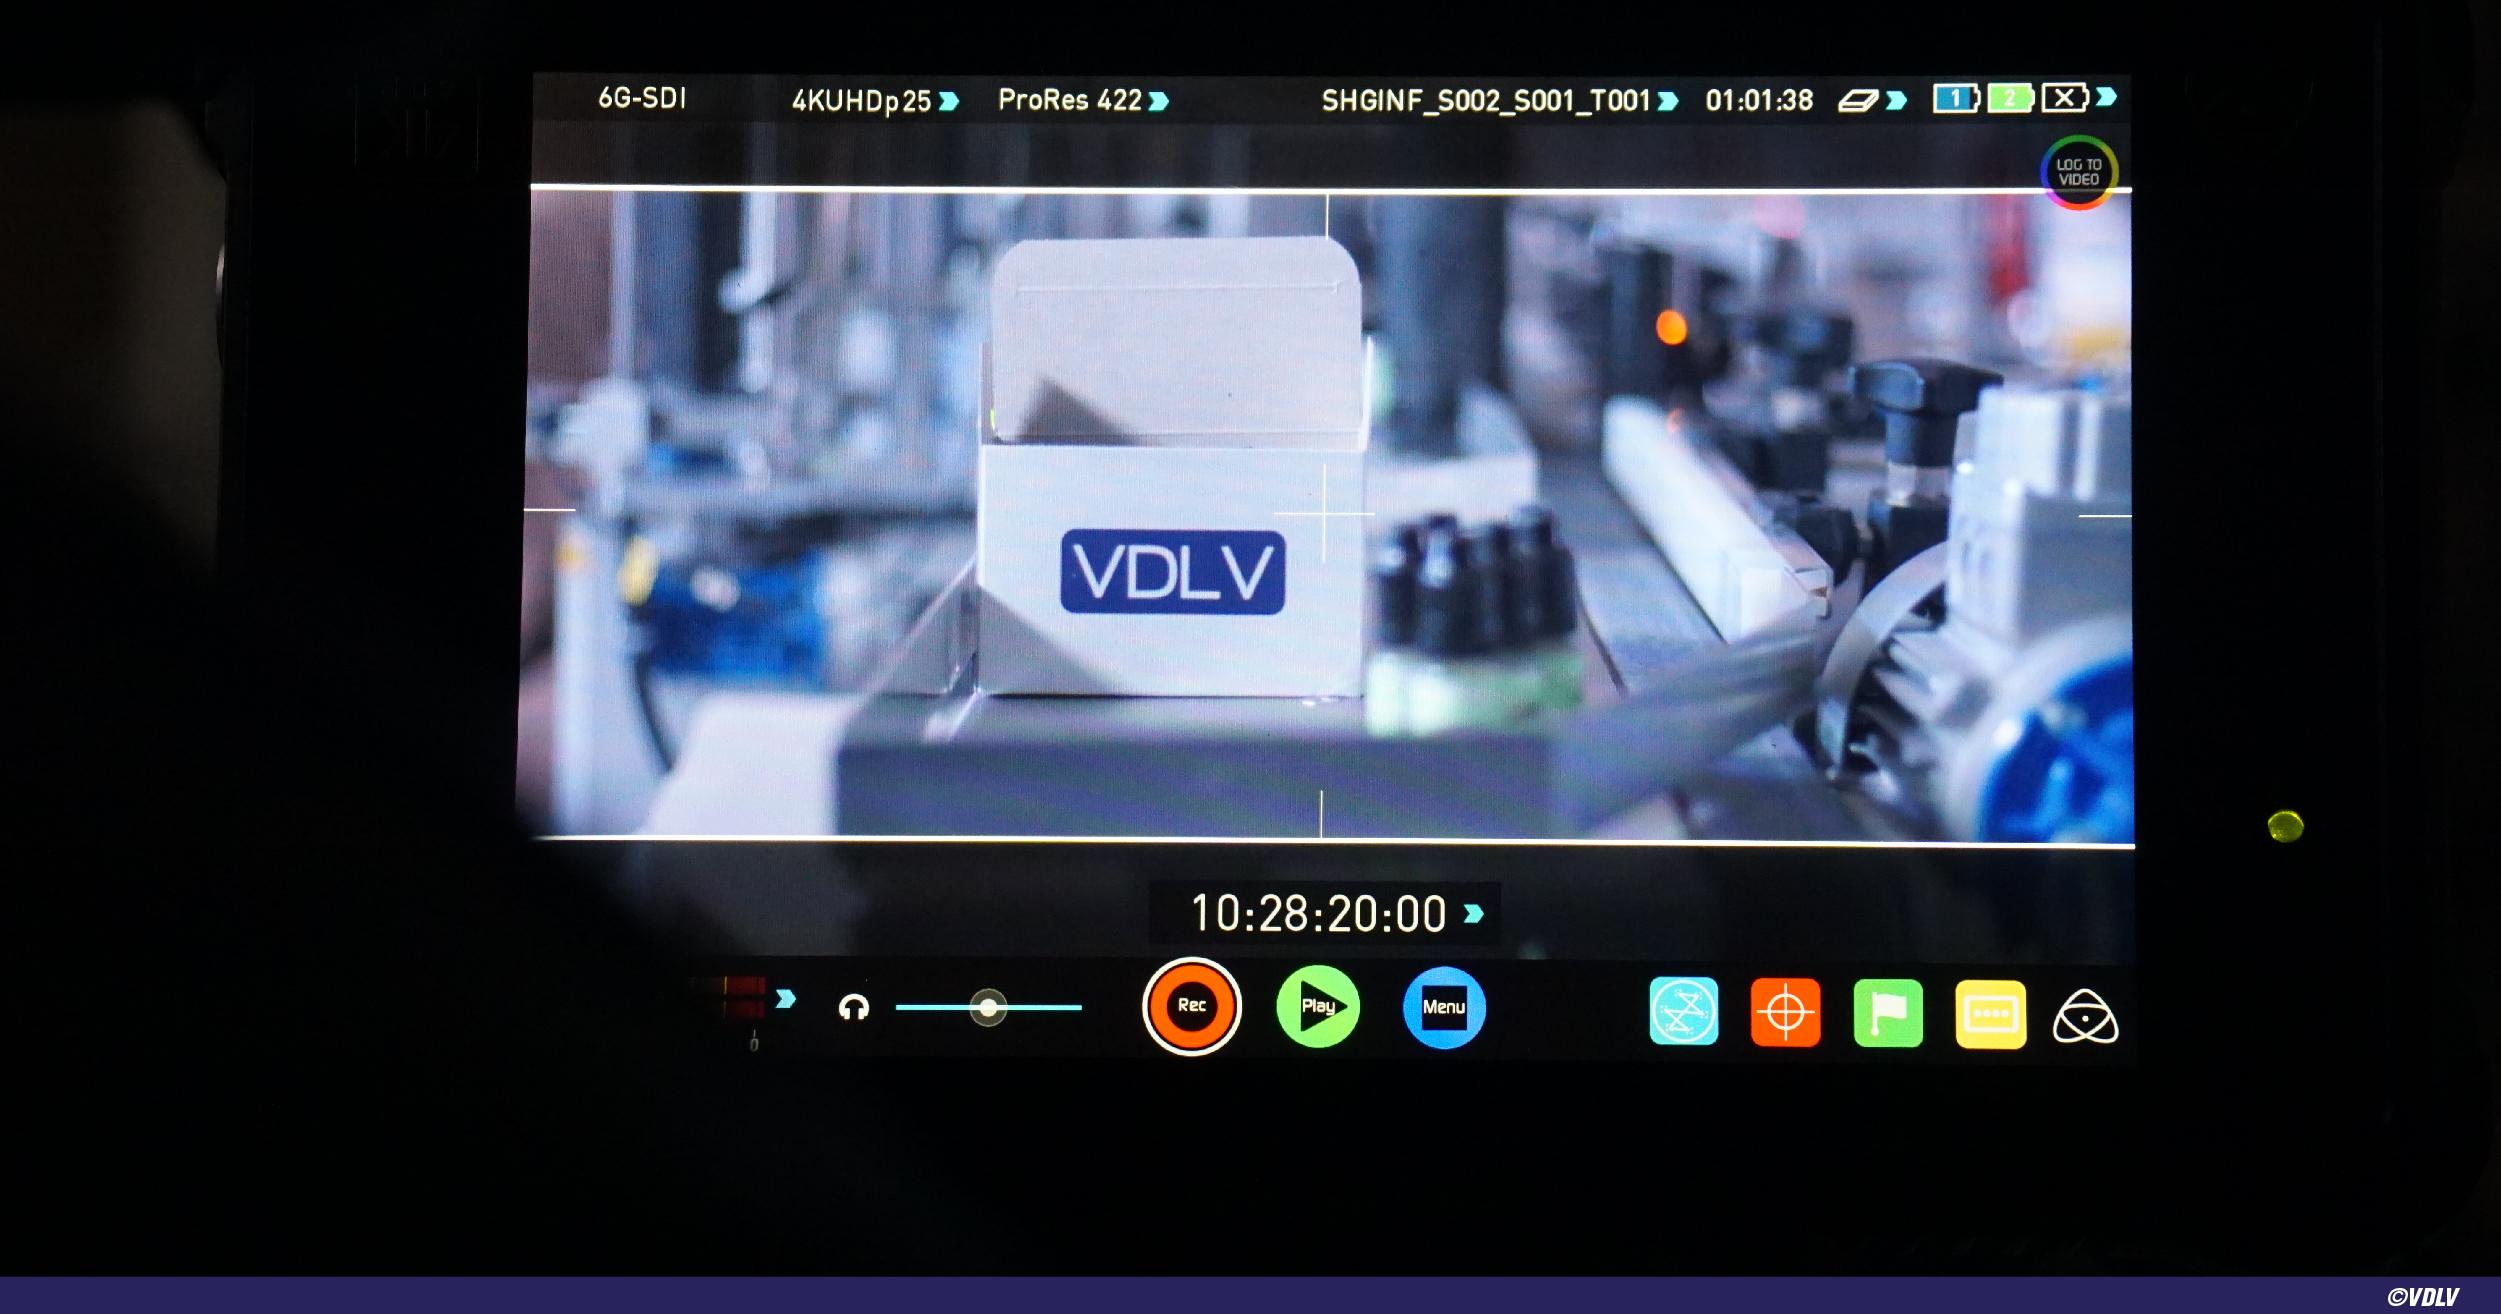 Les nouvelles vidéos de VDLV sont en ligne.